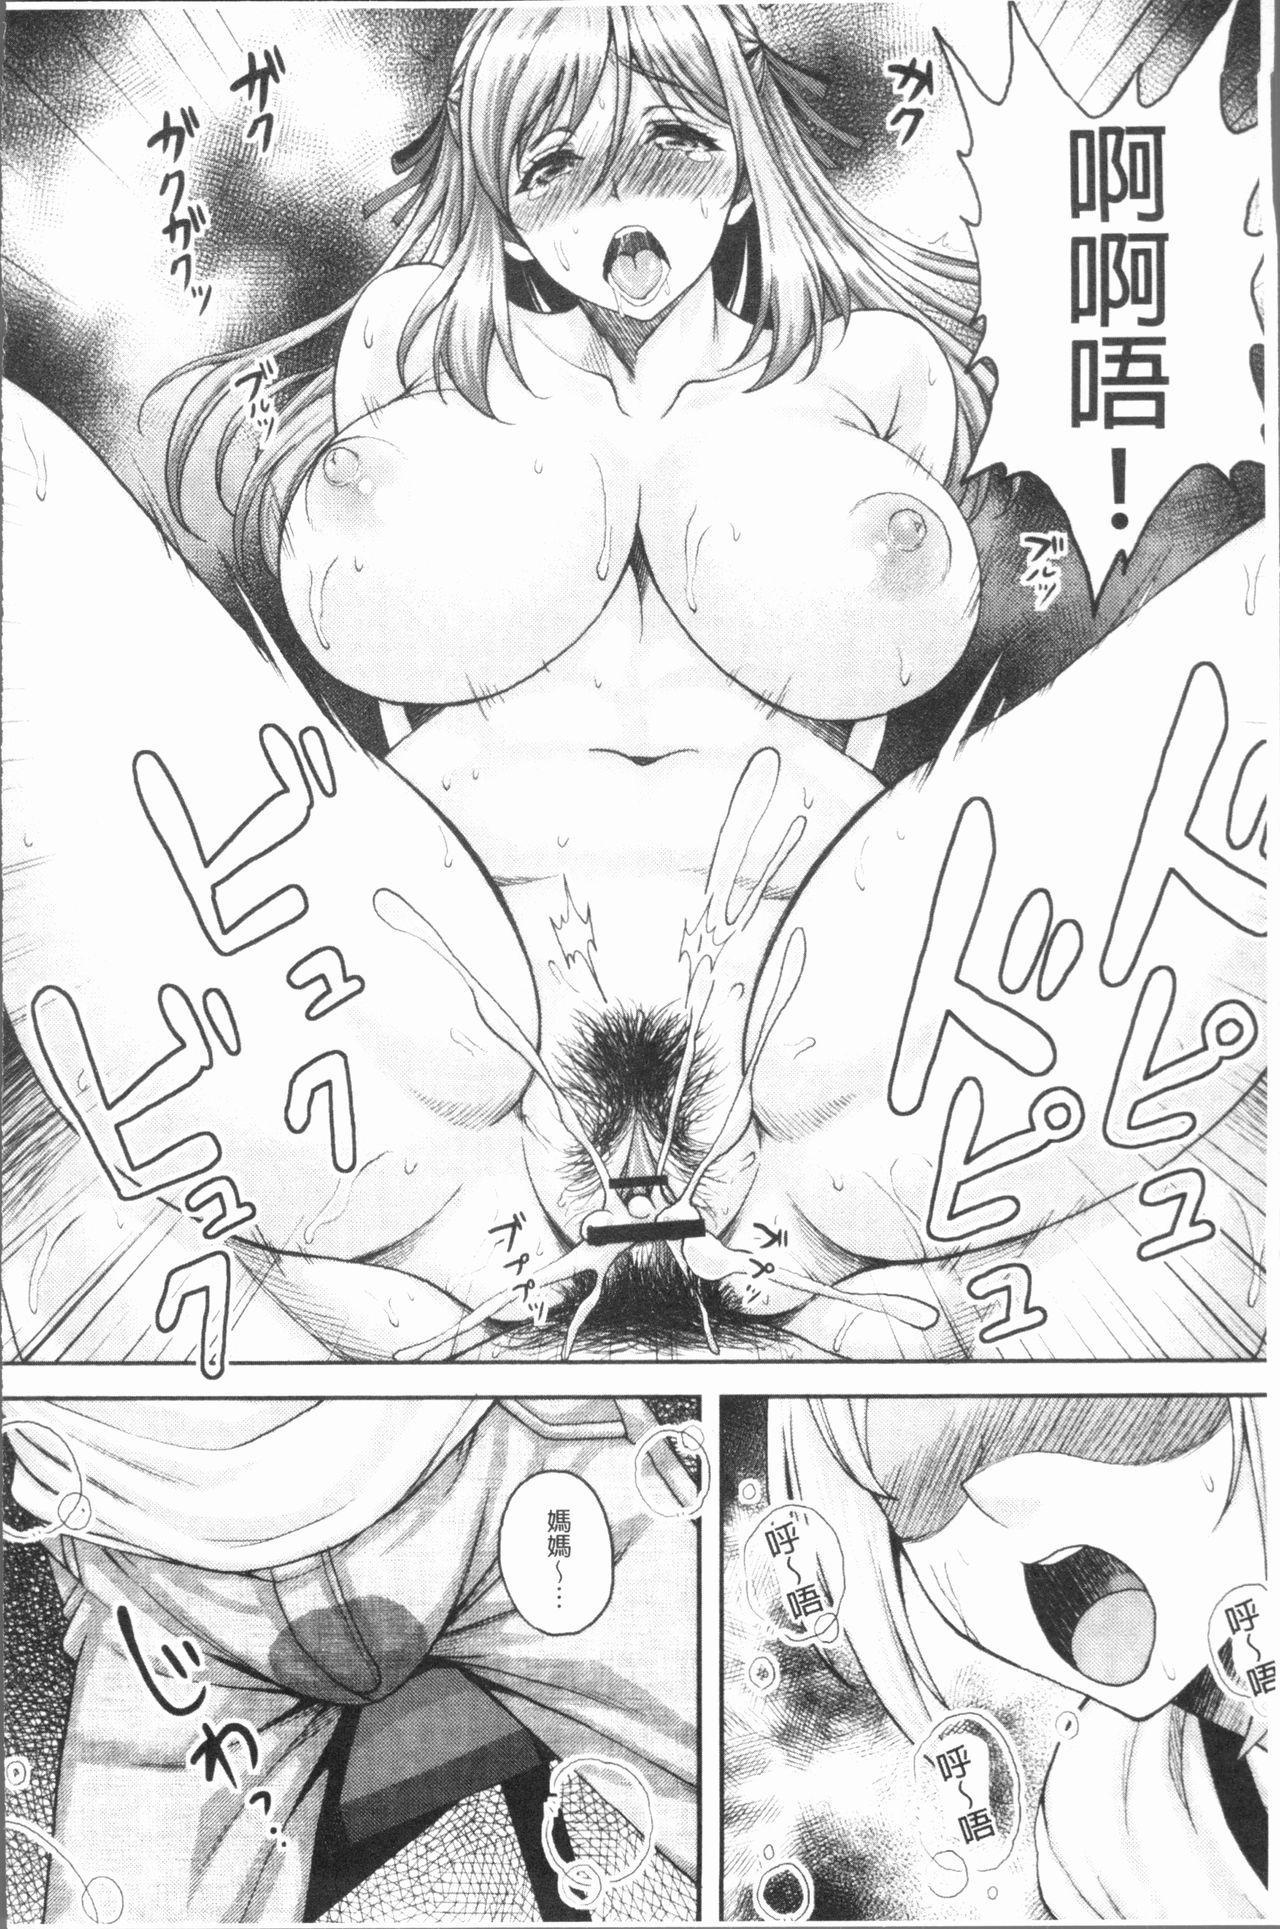 Ochita Deai Mesu | 墮落後見到的牝雌獸 50